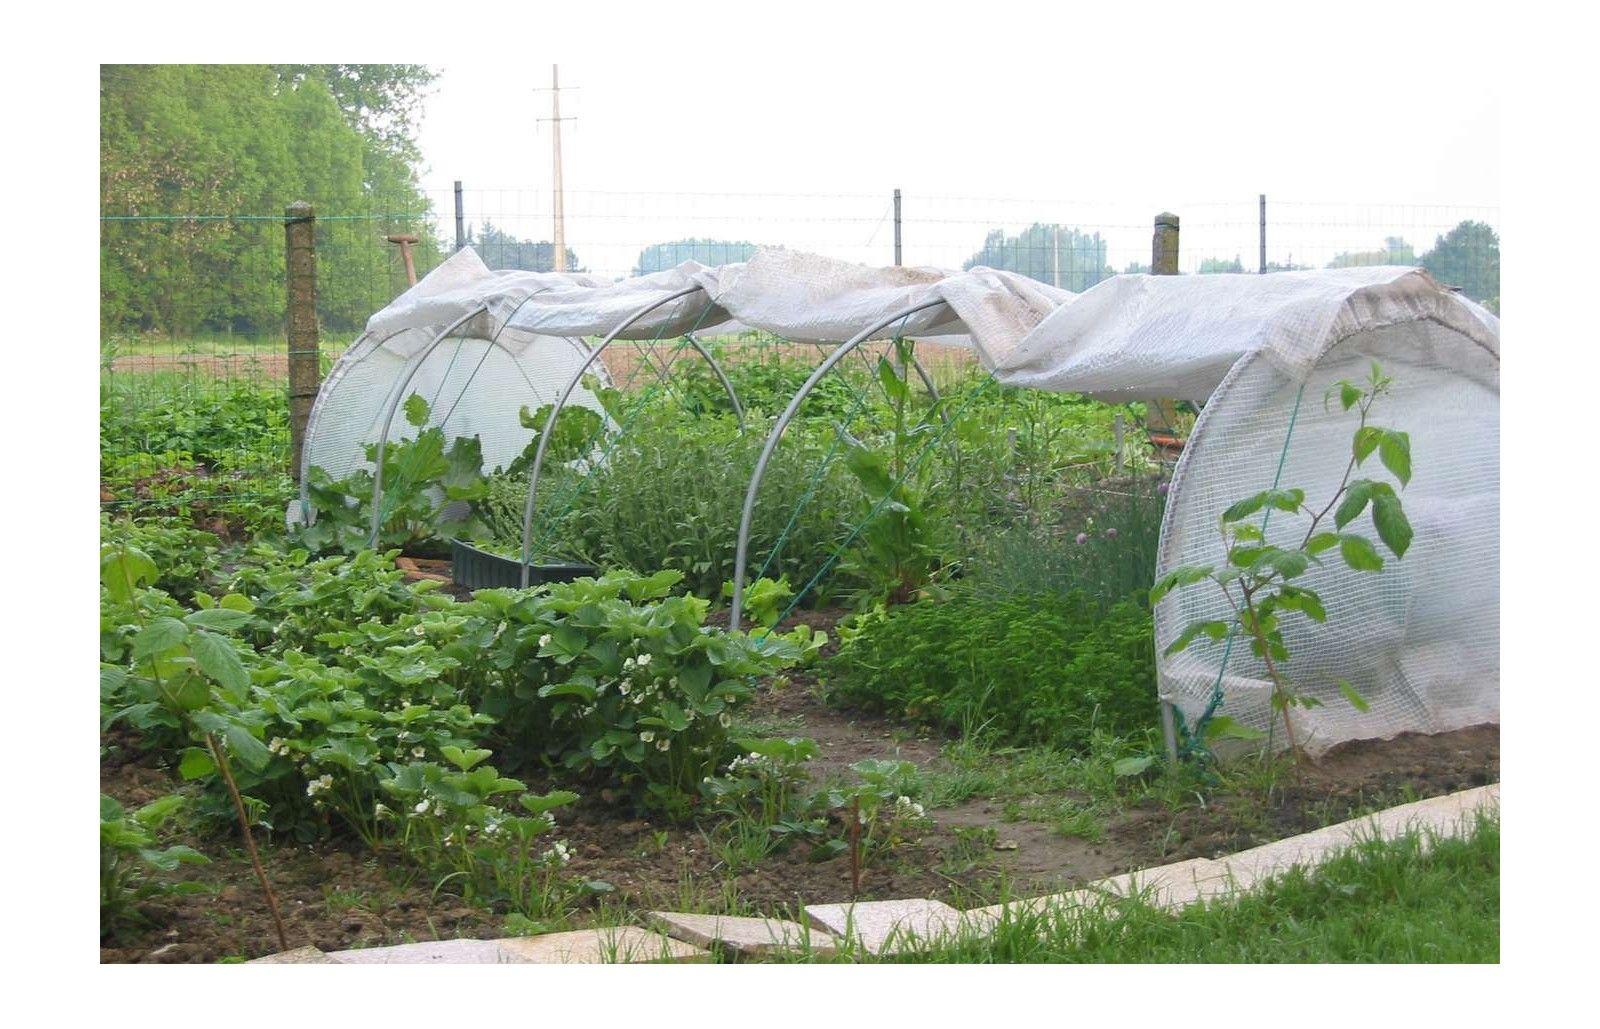 Bache de toit chenille long 5m00 serres tonneau - Film plastique anti uv pour serre de jardin ...